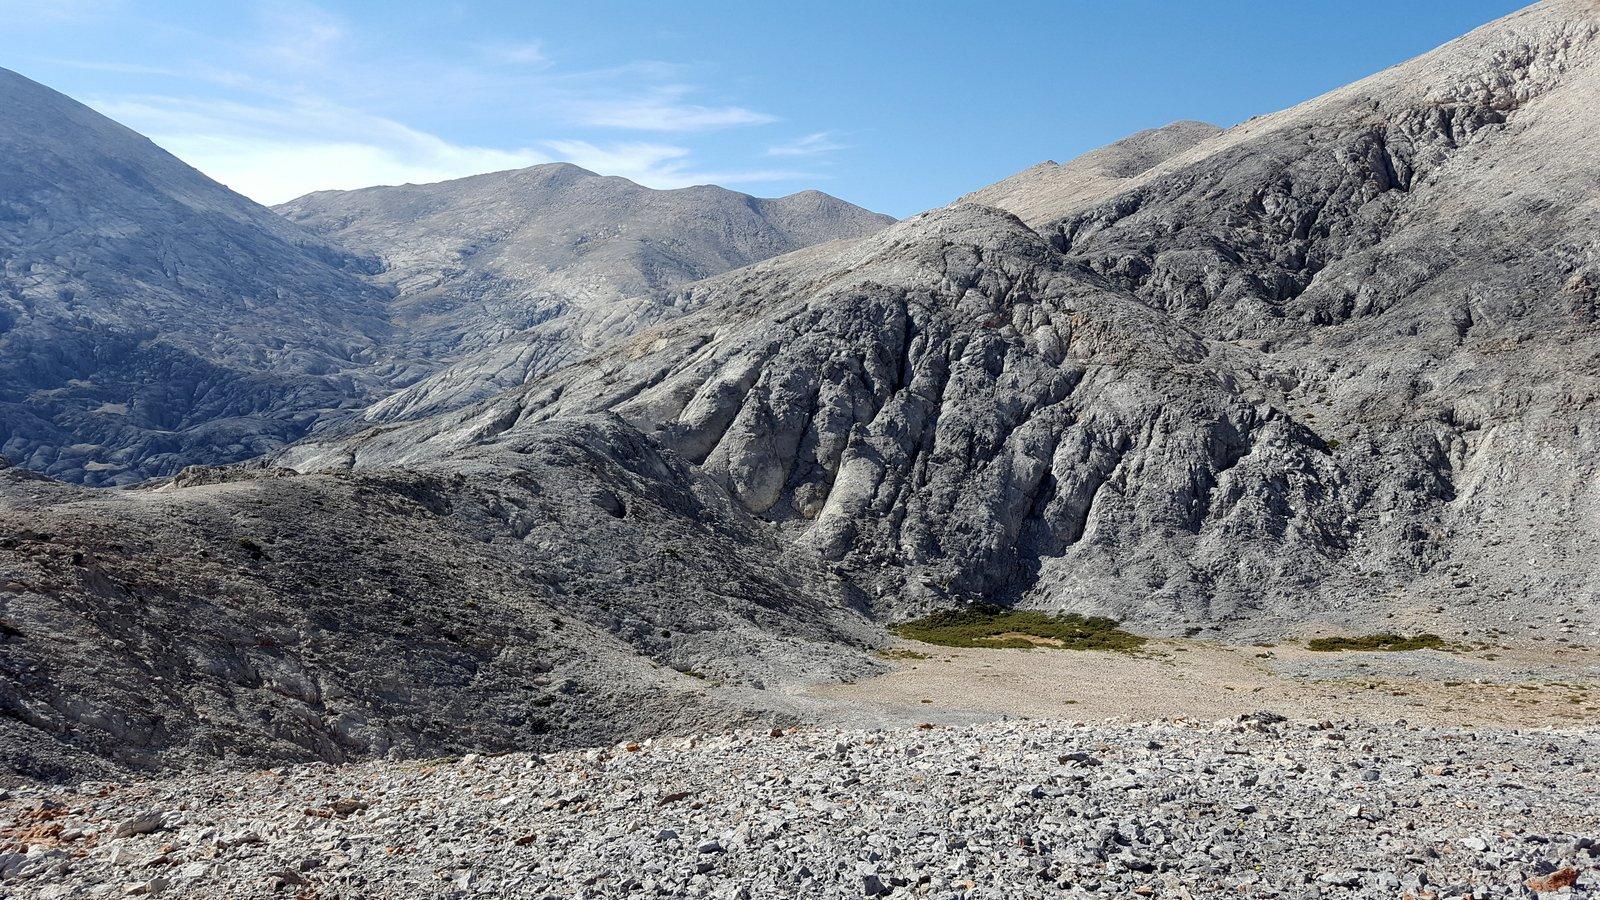 Il bordo della dolina da cui inizia l'ampio semicerchio dx-sx